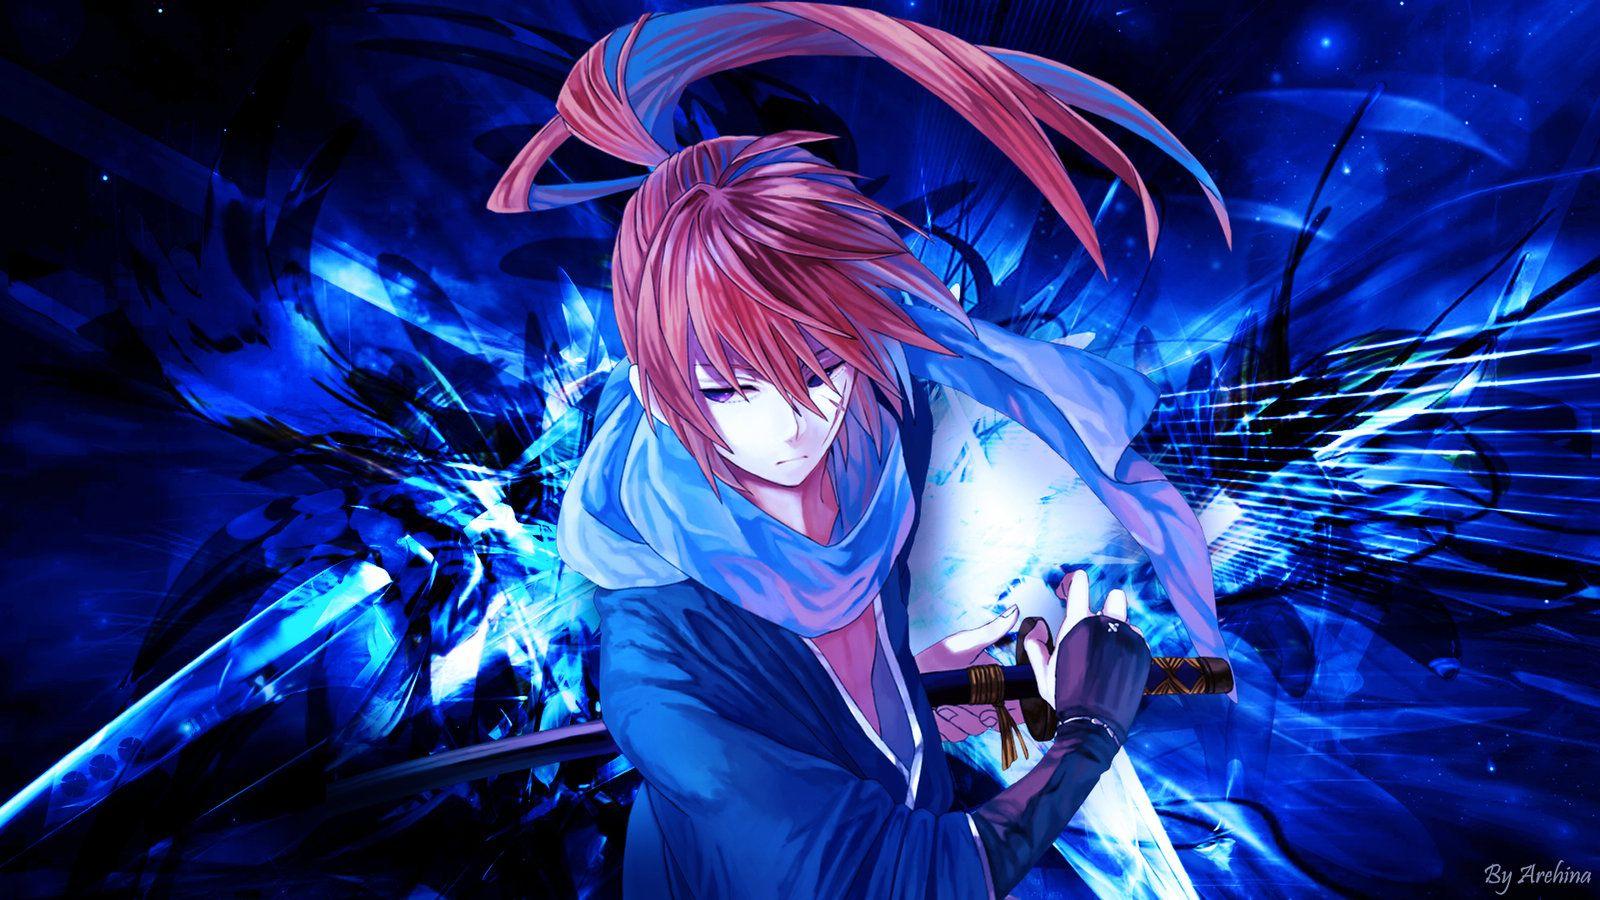 Rurouni Kenshin Himura Kenshin Wallpaper By Arehina On Deviantart Kenshin Wallpaper Rurouni Kenshin Wallpaper Hd Himura Kenshin Wallpapers Download wallpaper anime samurai x